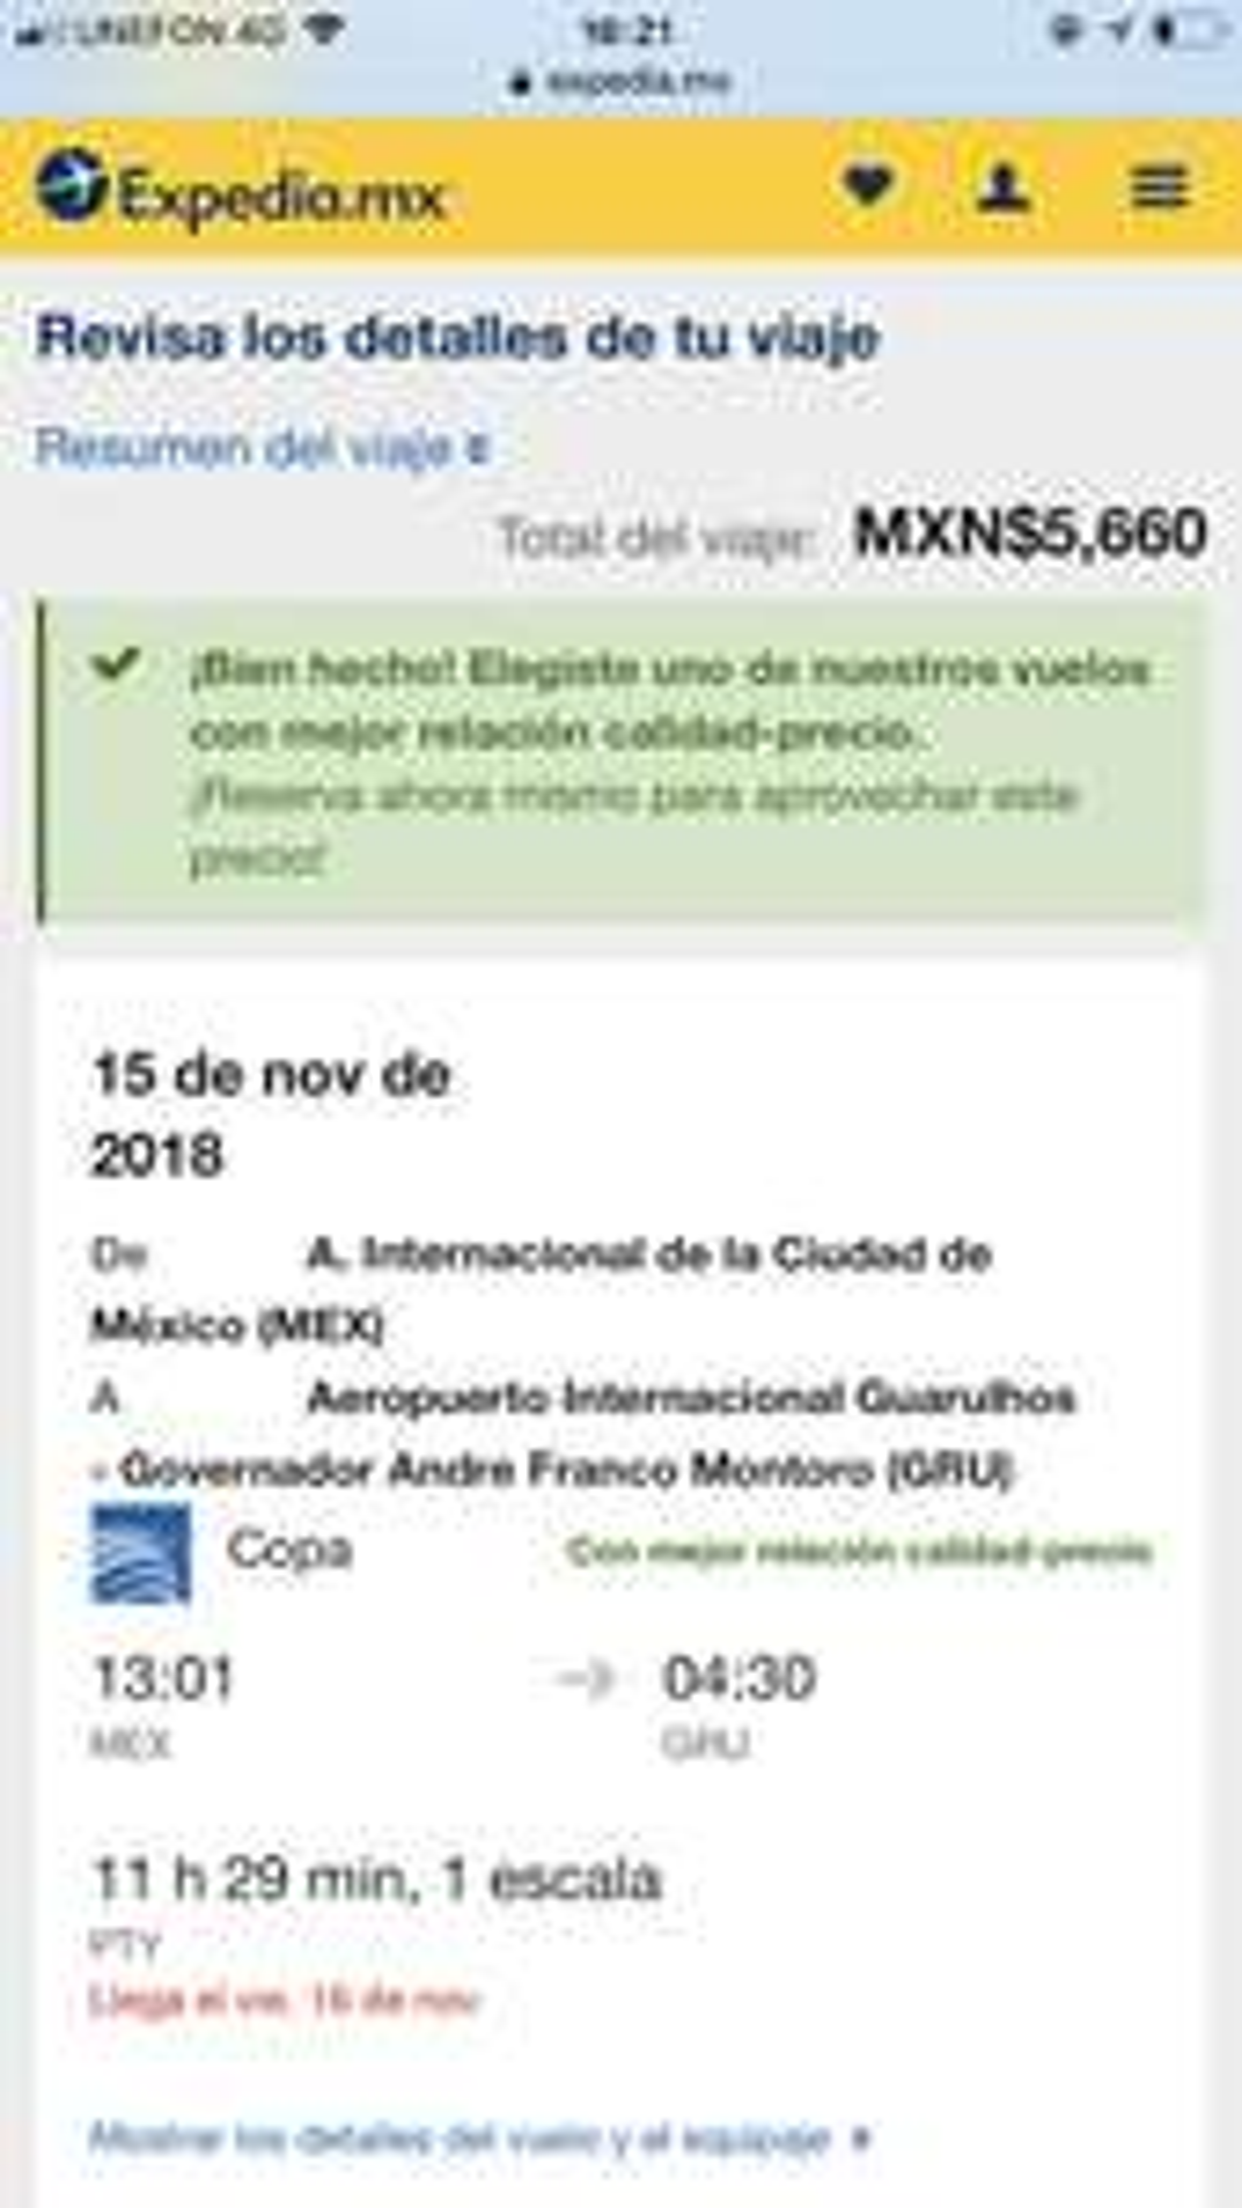 Vuelo redondo de CDMX a São Paulo (15-22 de Noviembre)